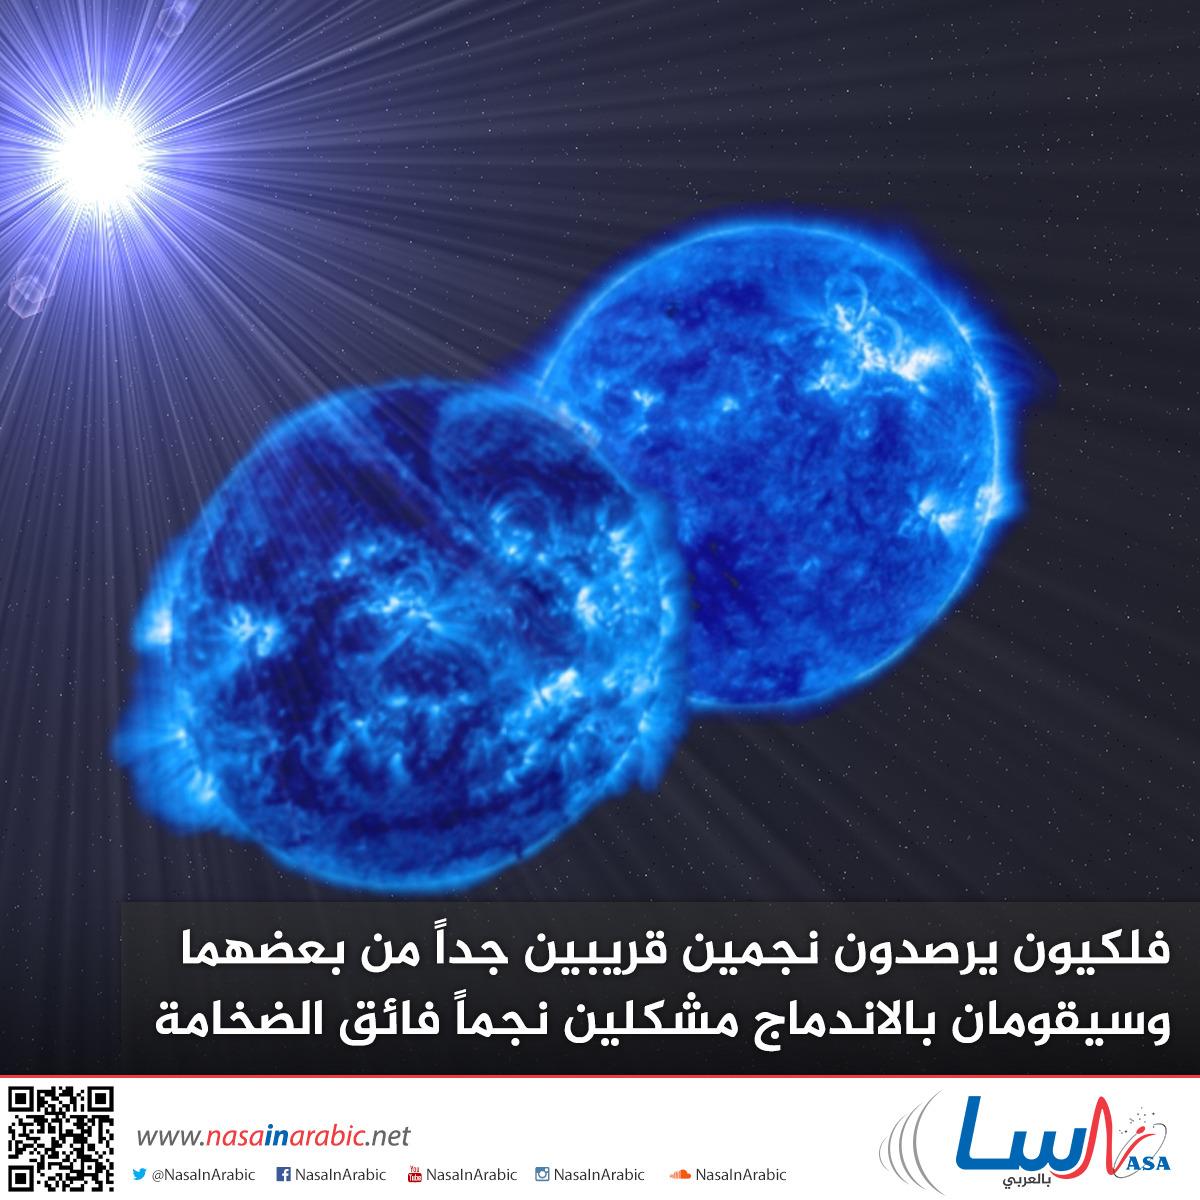 فلكيون يرصدون نجمين قريبين جداً من بعضهما وسيقومان بالاندماج مشكلين نجماً فائق الضخامة